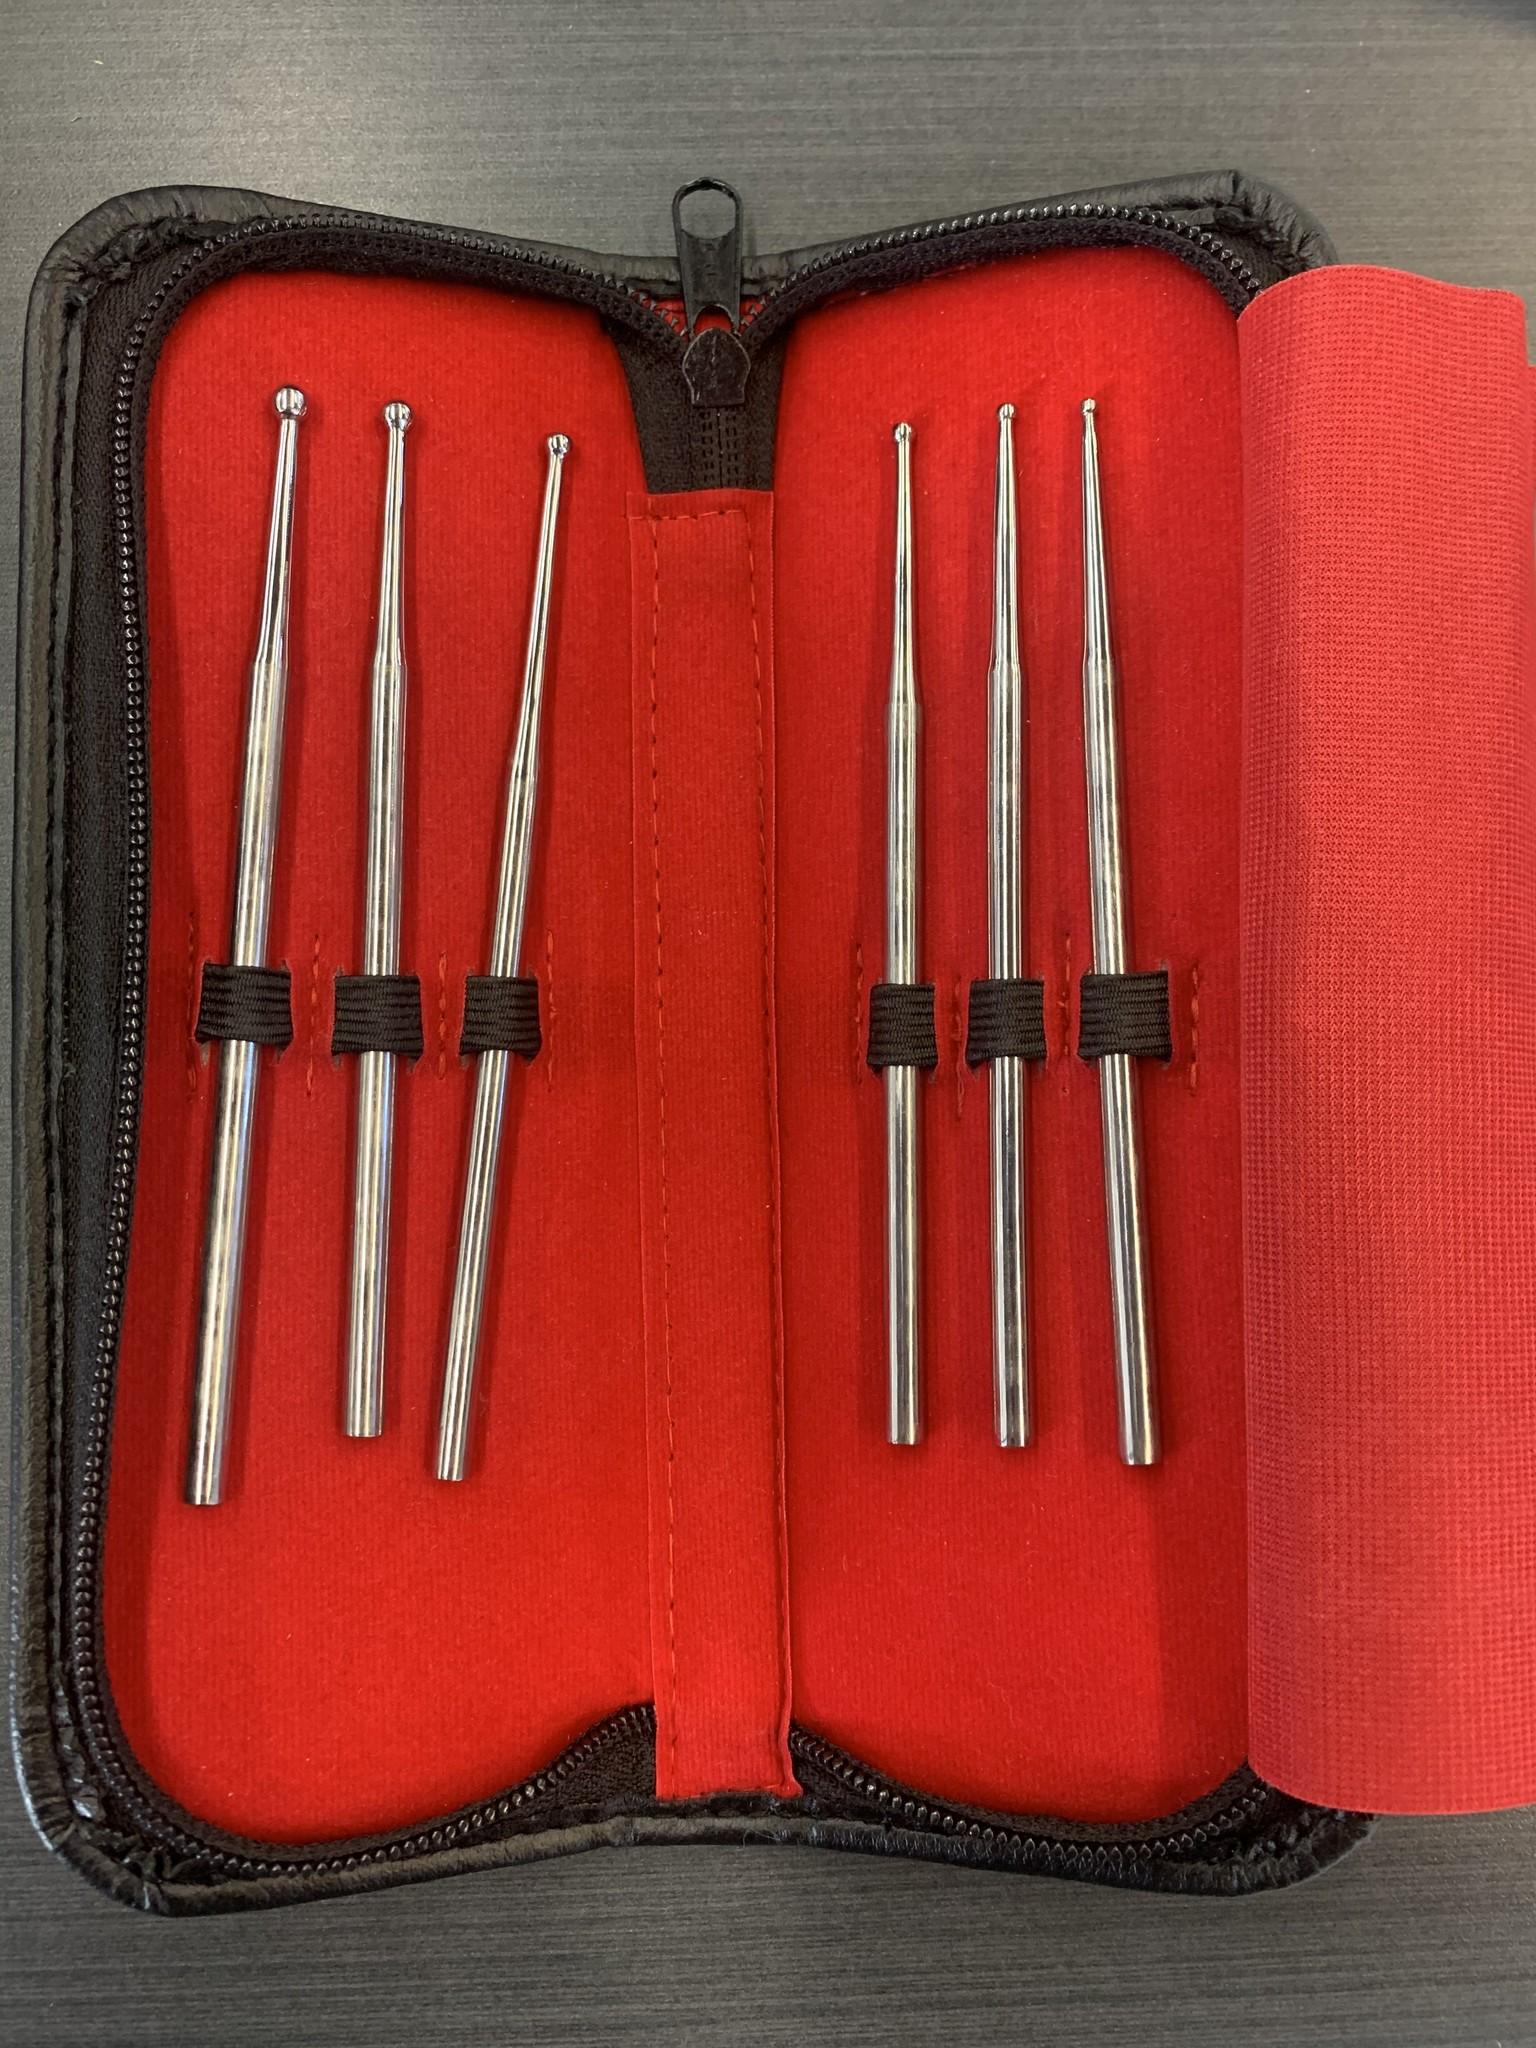 6 Piece Snake Probe Kit W/ Leather Case